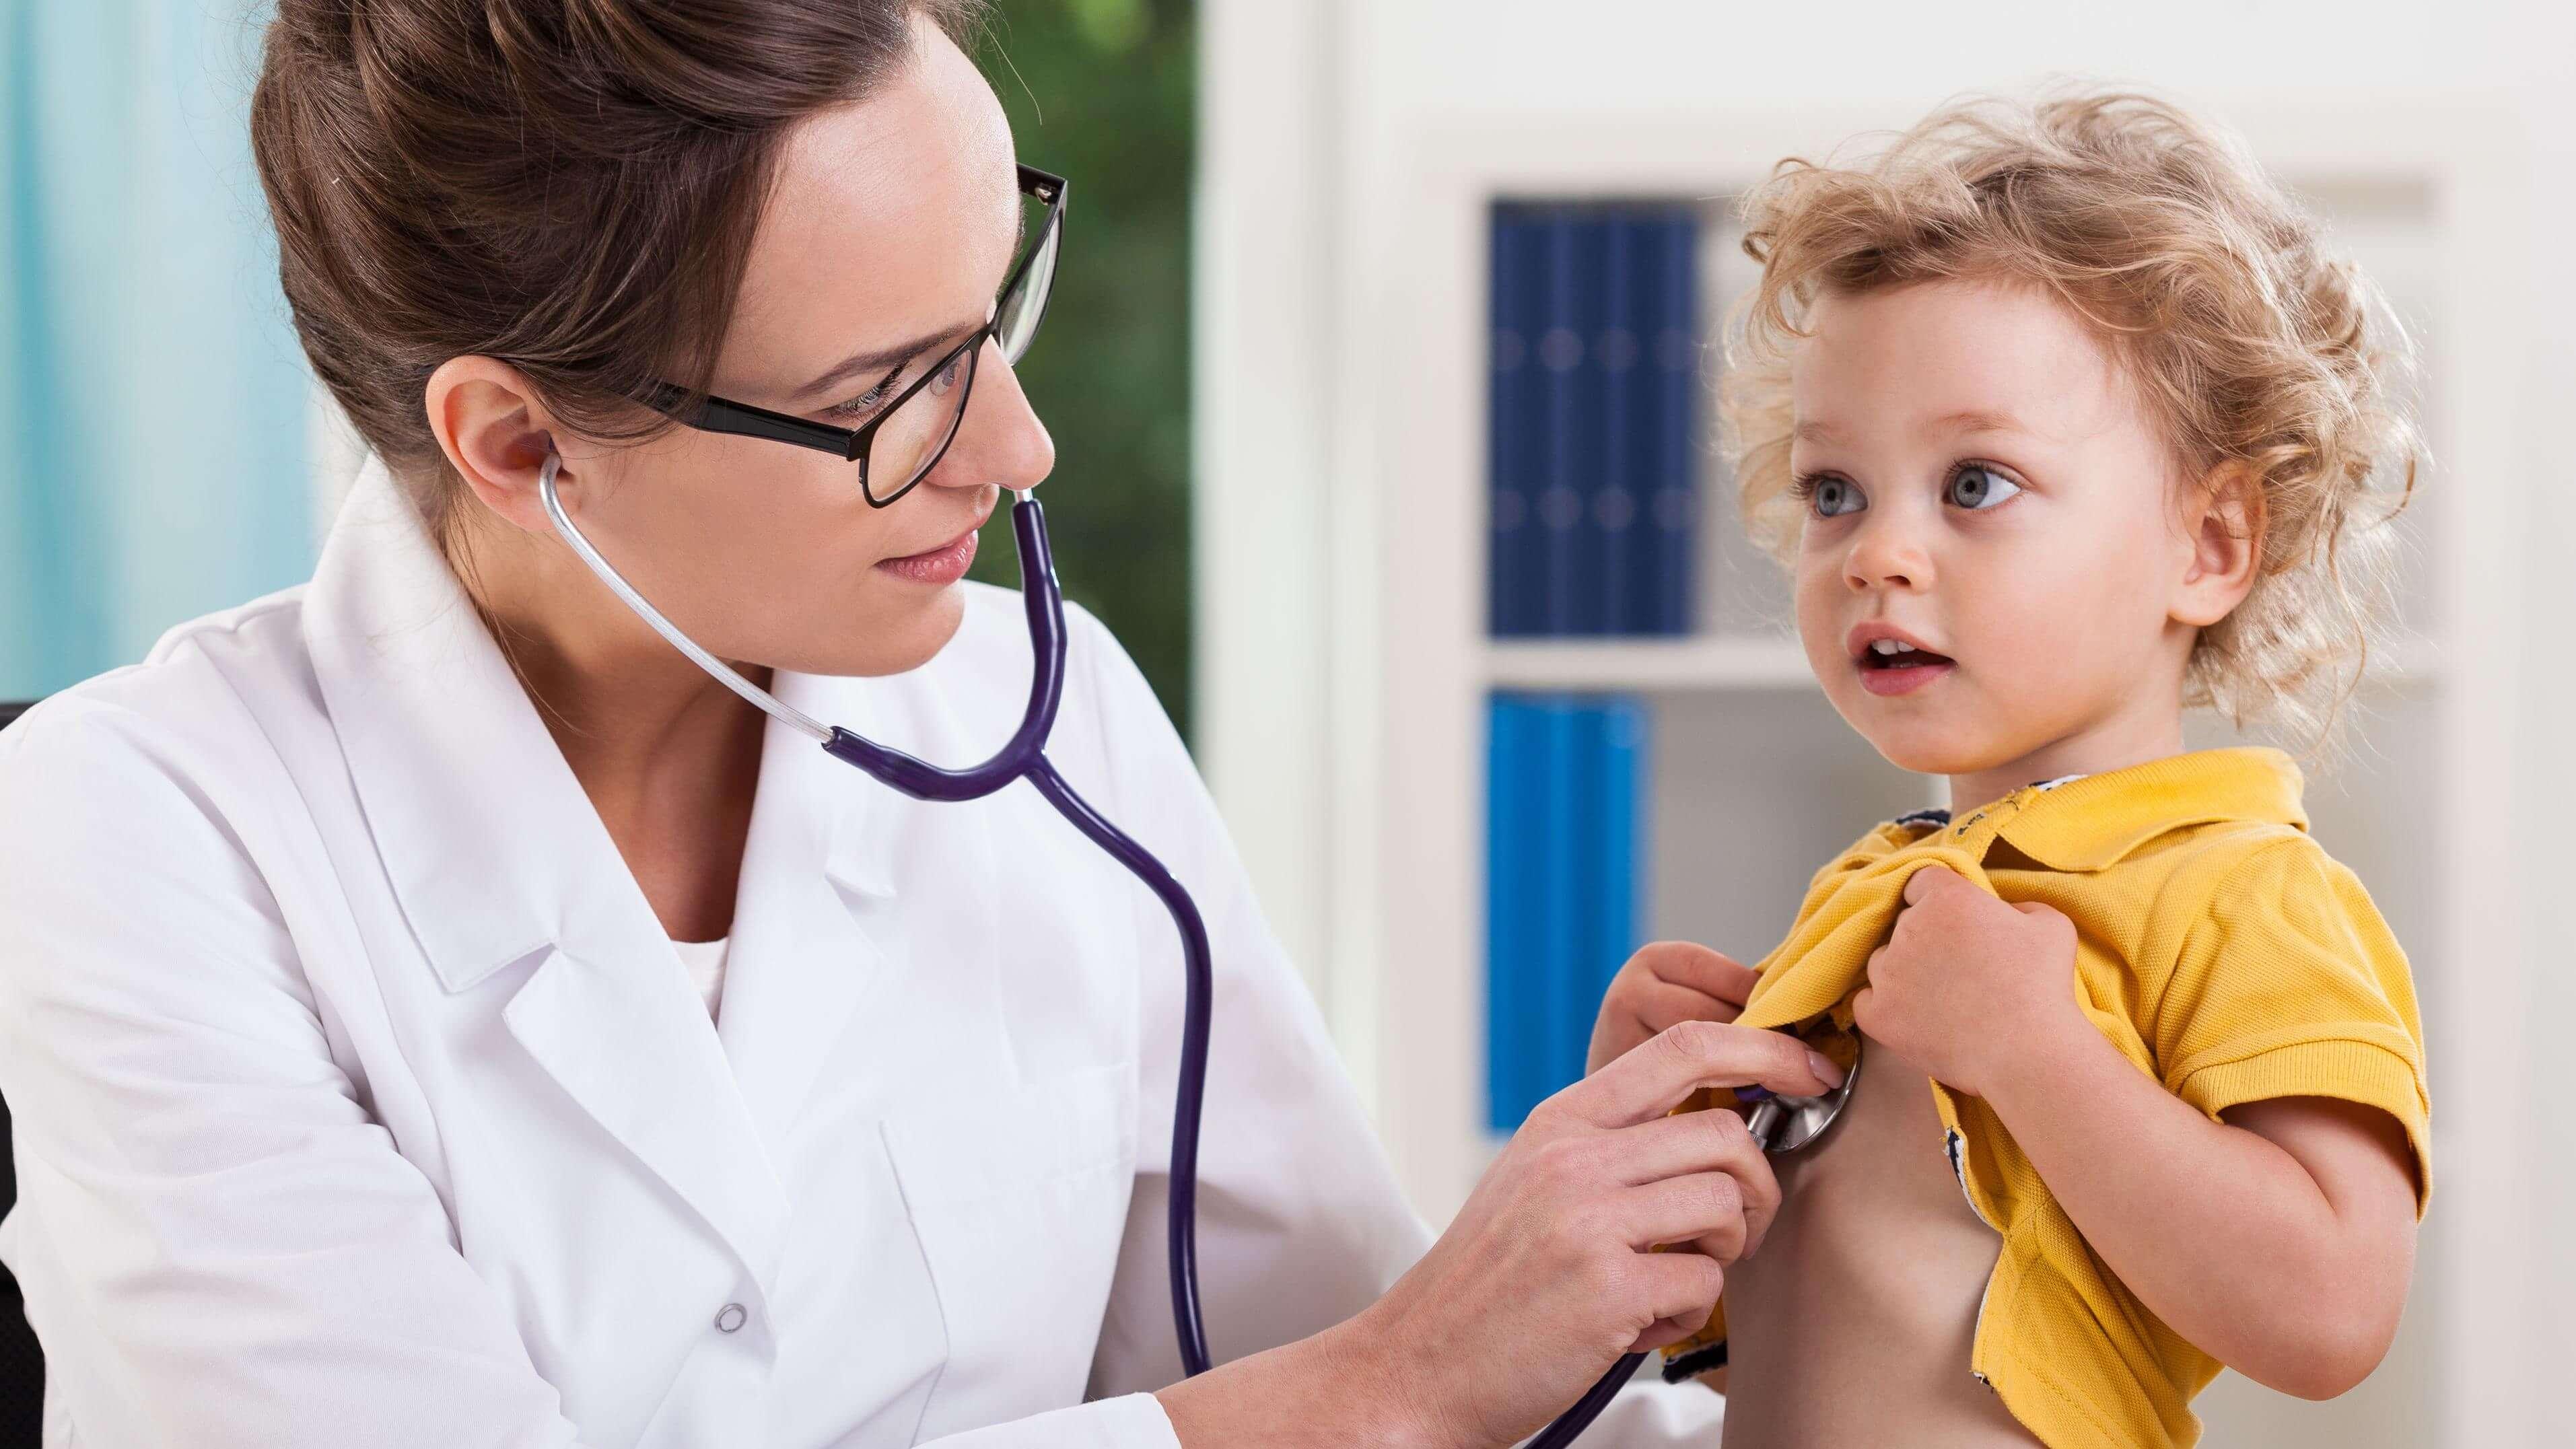 Положение об организации оказания первичной медико-санитарной помощи детям